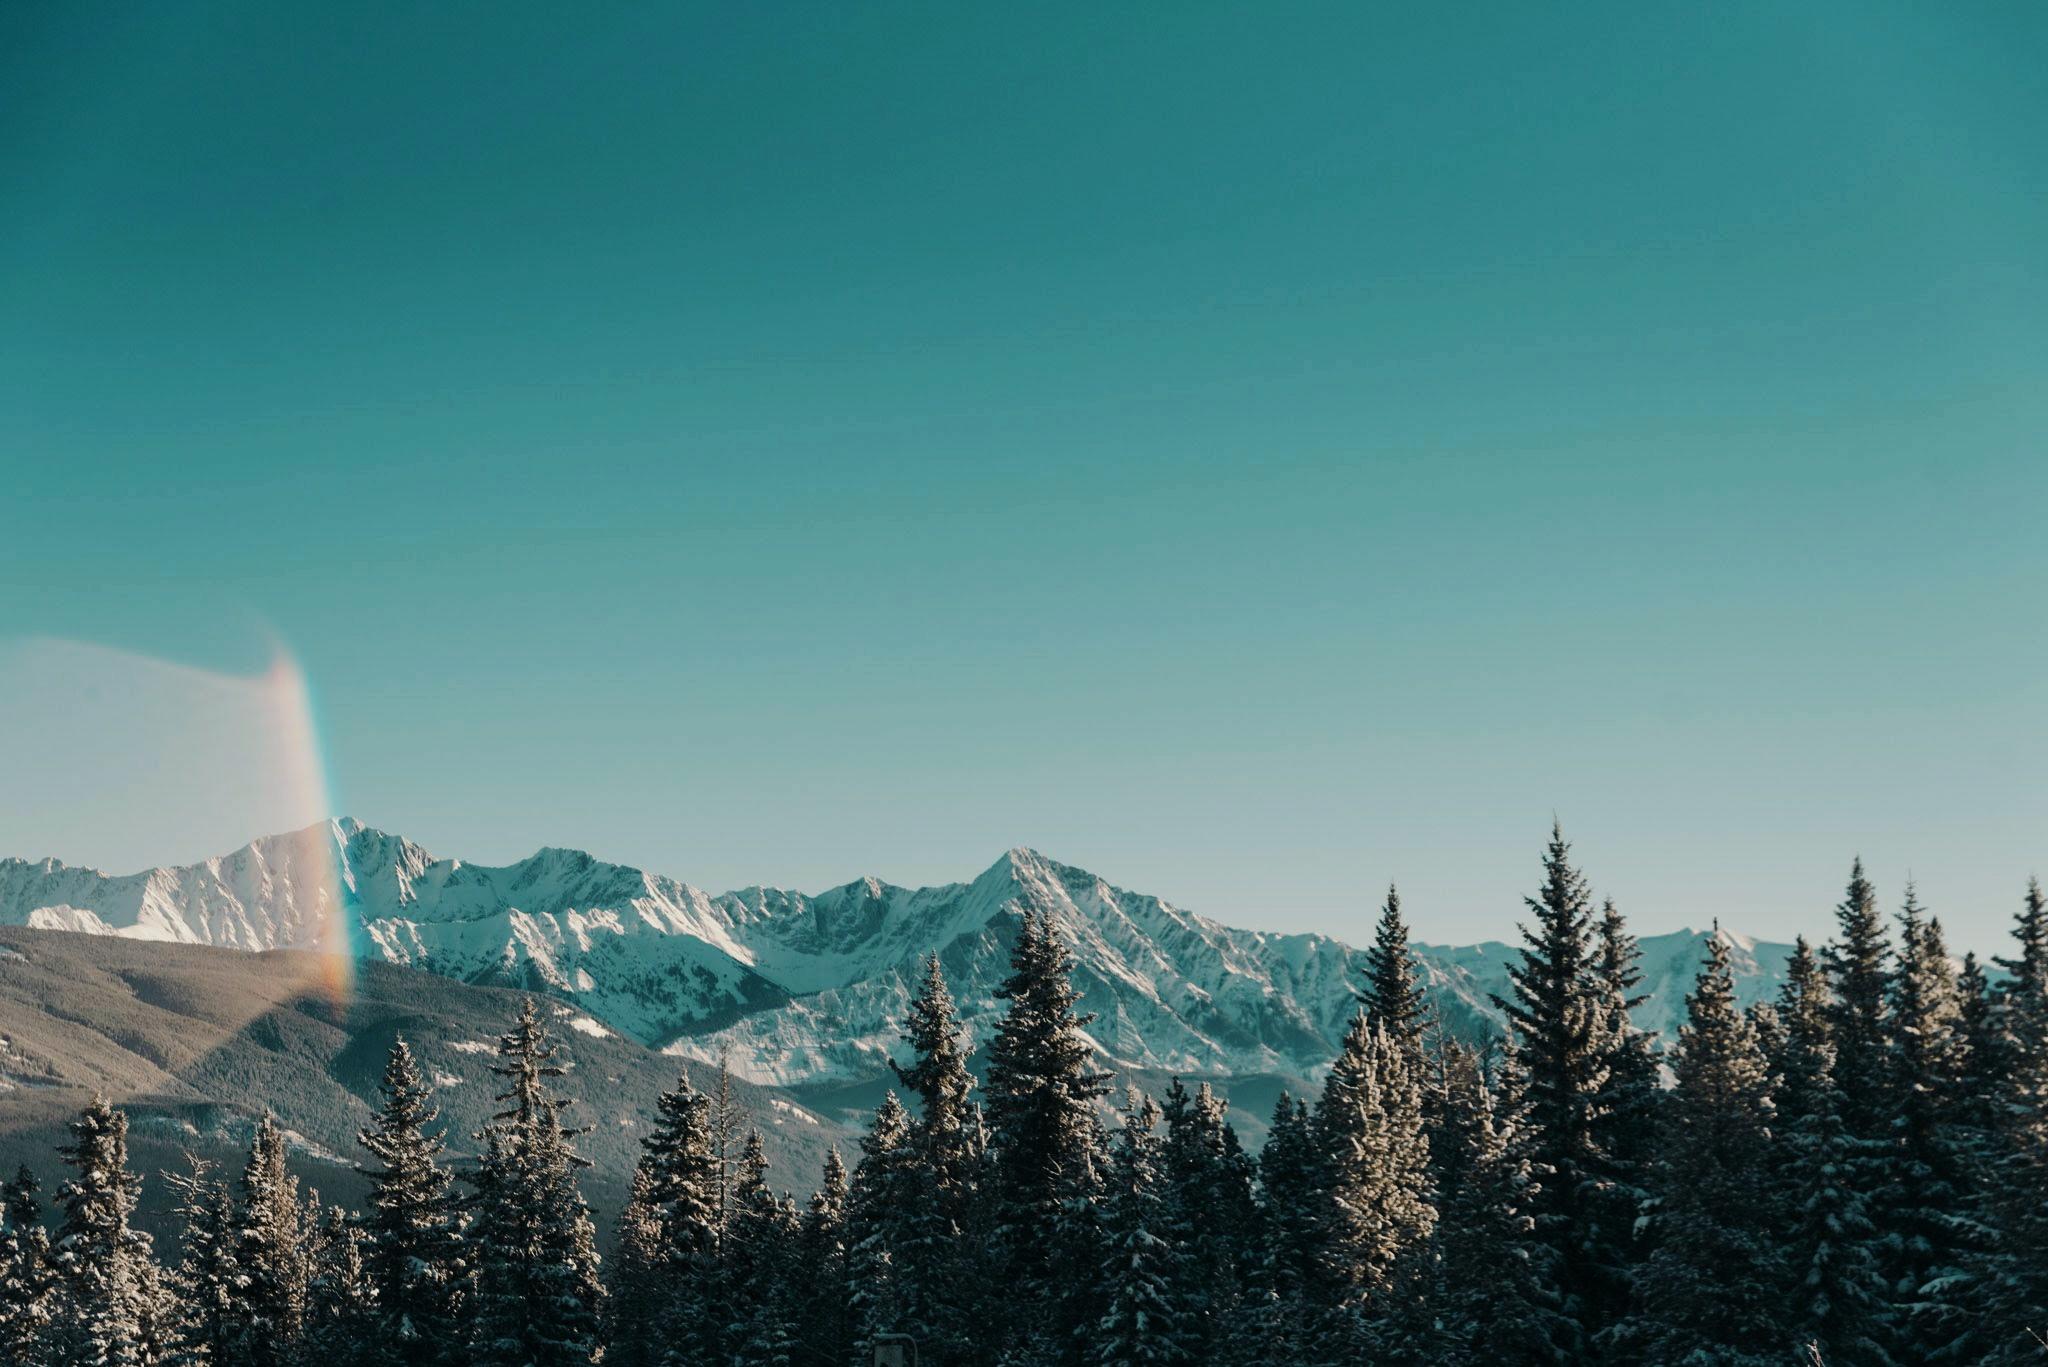 Somewhere in Banff